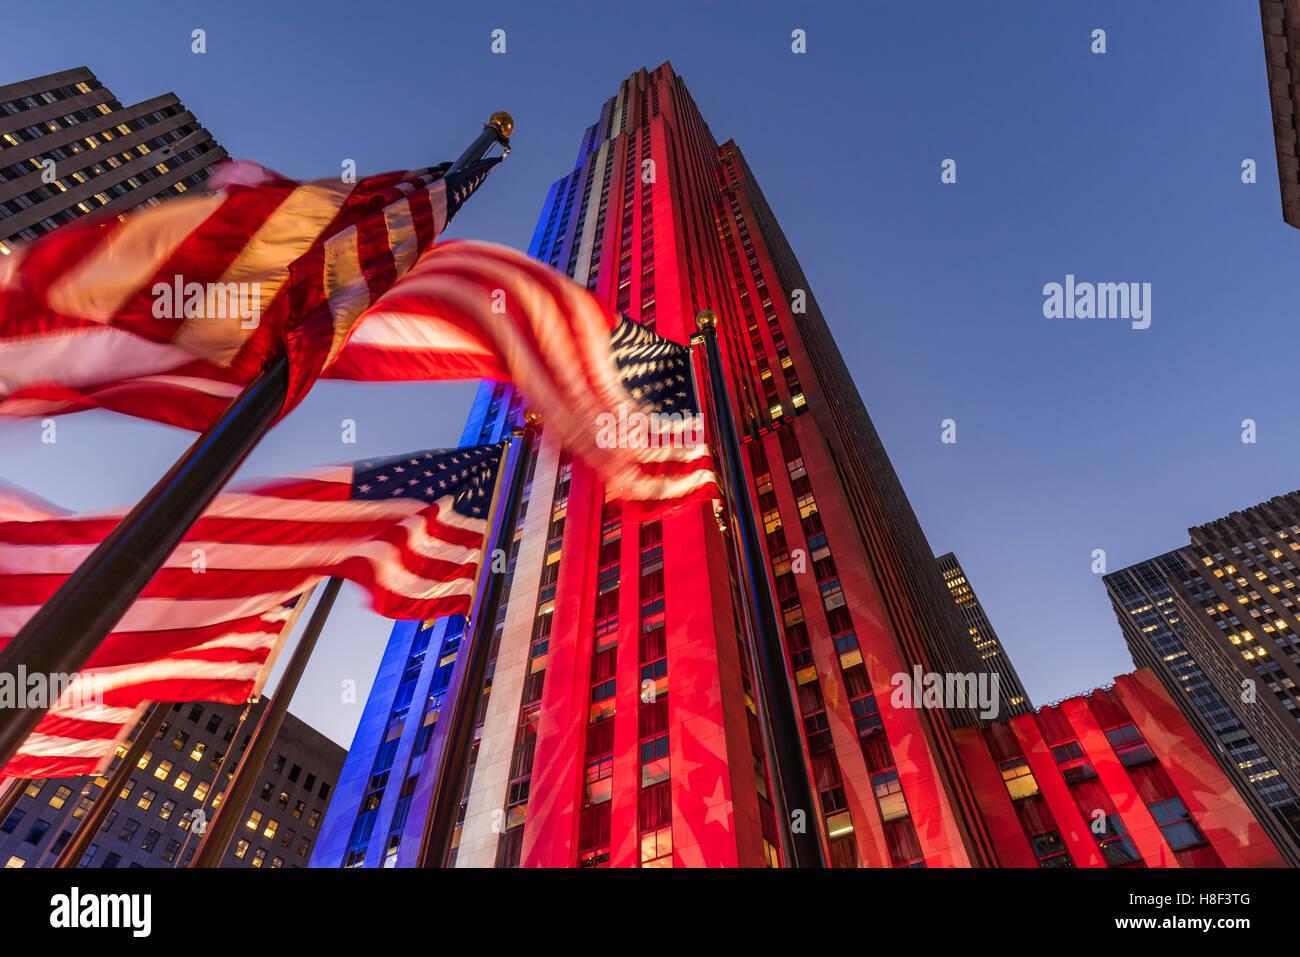 El Rockefeller Center en la penumbra iluminado en blanco, rojo y azul. Trampilla de banderas americanas en el viento. Imagen De Stock